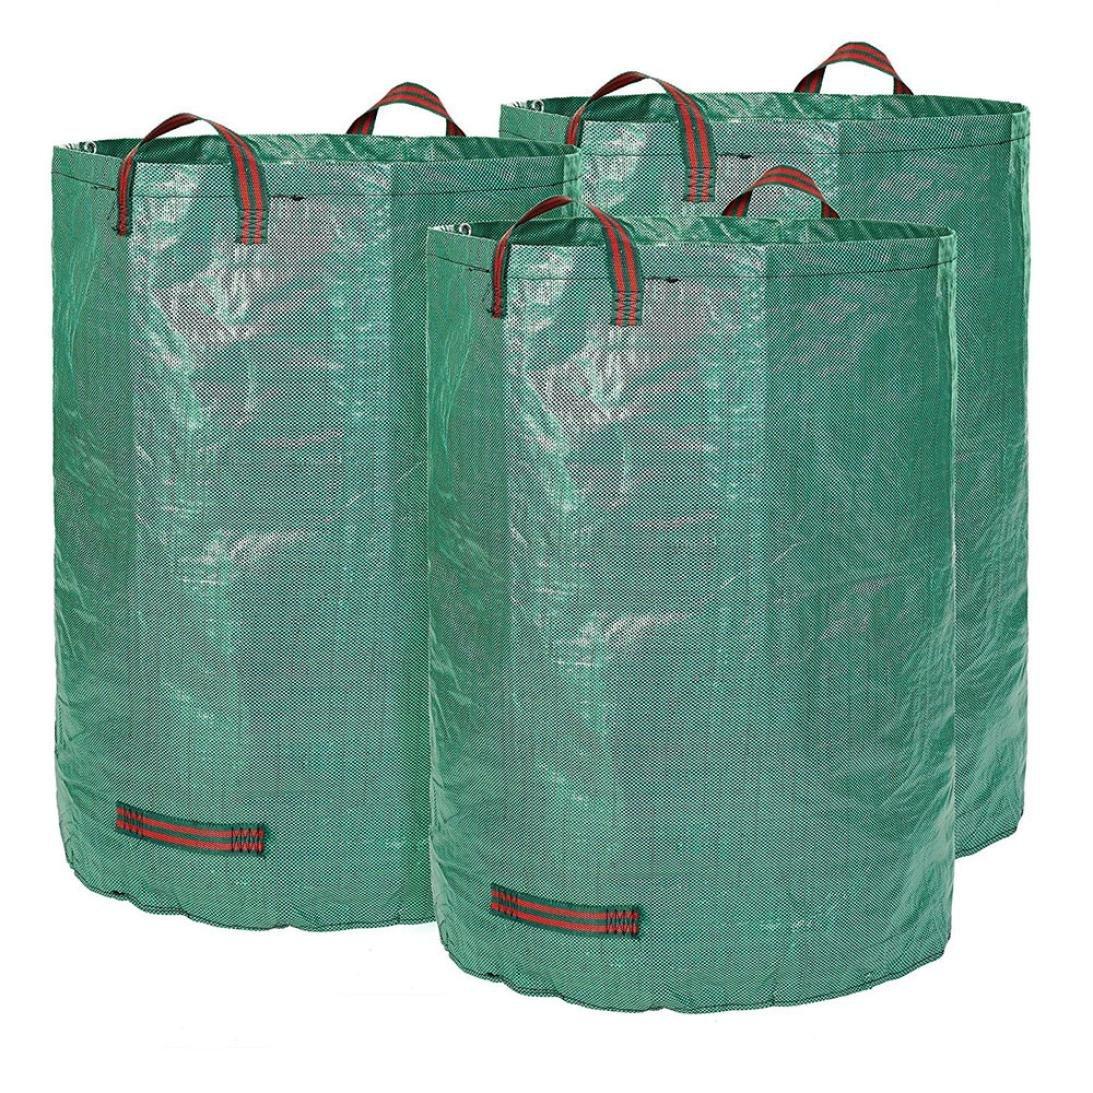 Samoii Clearance!Superb Creative Home Garden Leaf Storage Garbage Bags Leaf Bag Garden Waste Bag Sack Set 1/3 Pcs (4576cm 3Pcs)